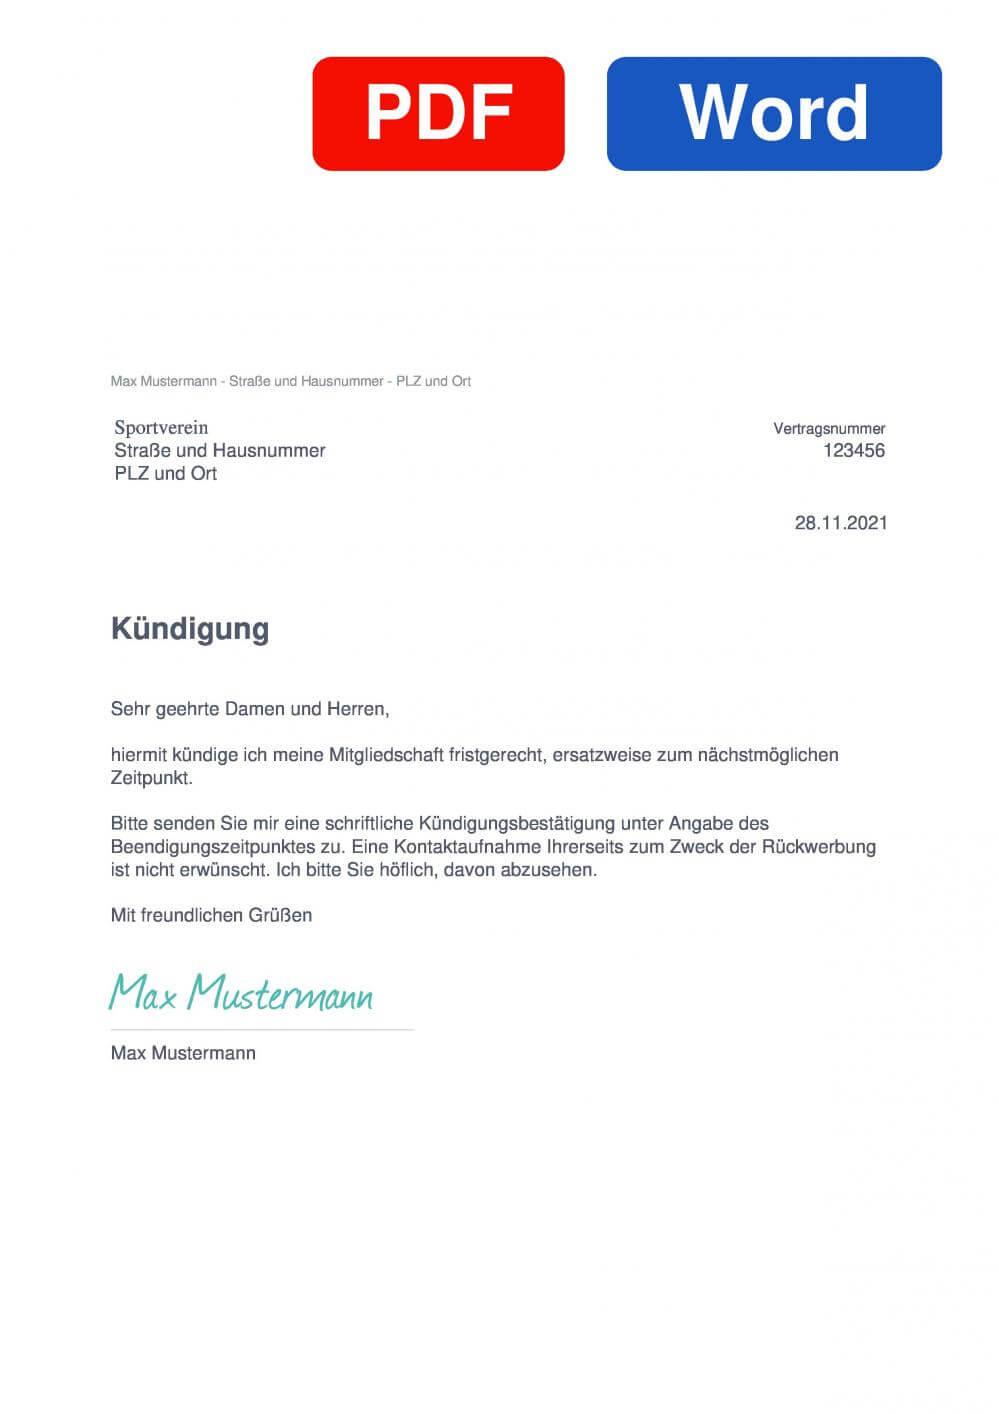 Sportverein Muster Vorlage für Kündigungsschreiben